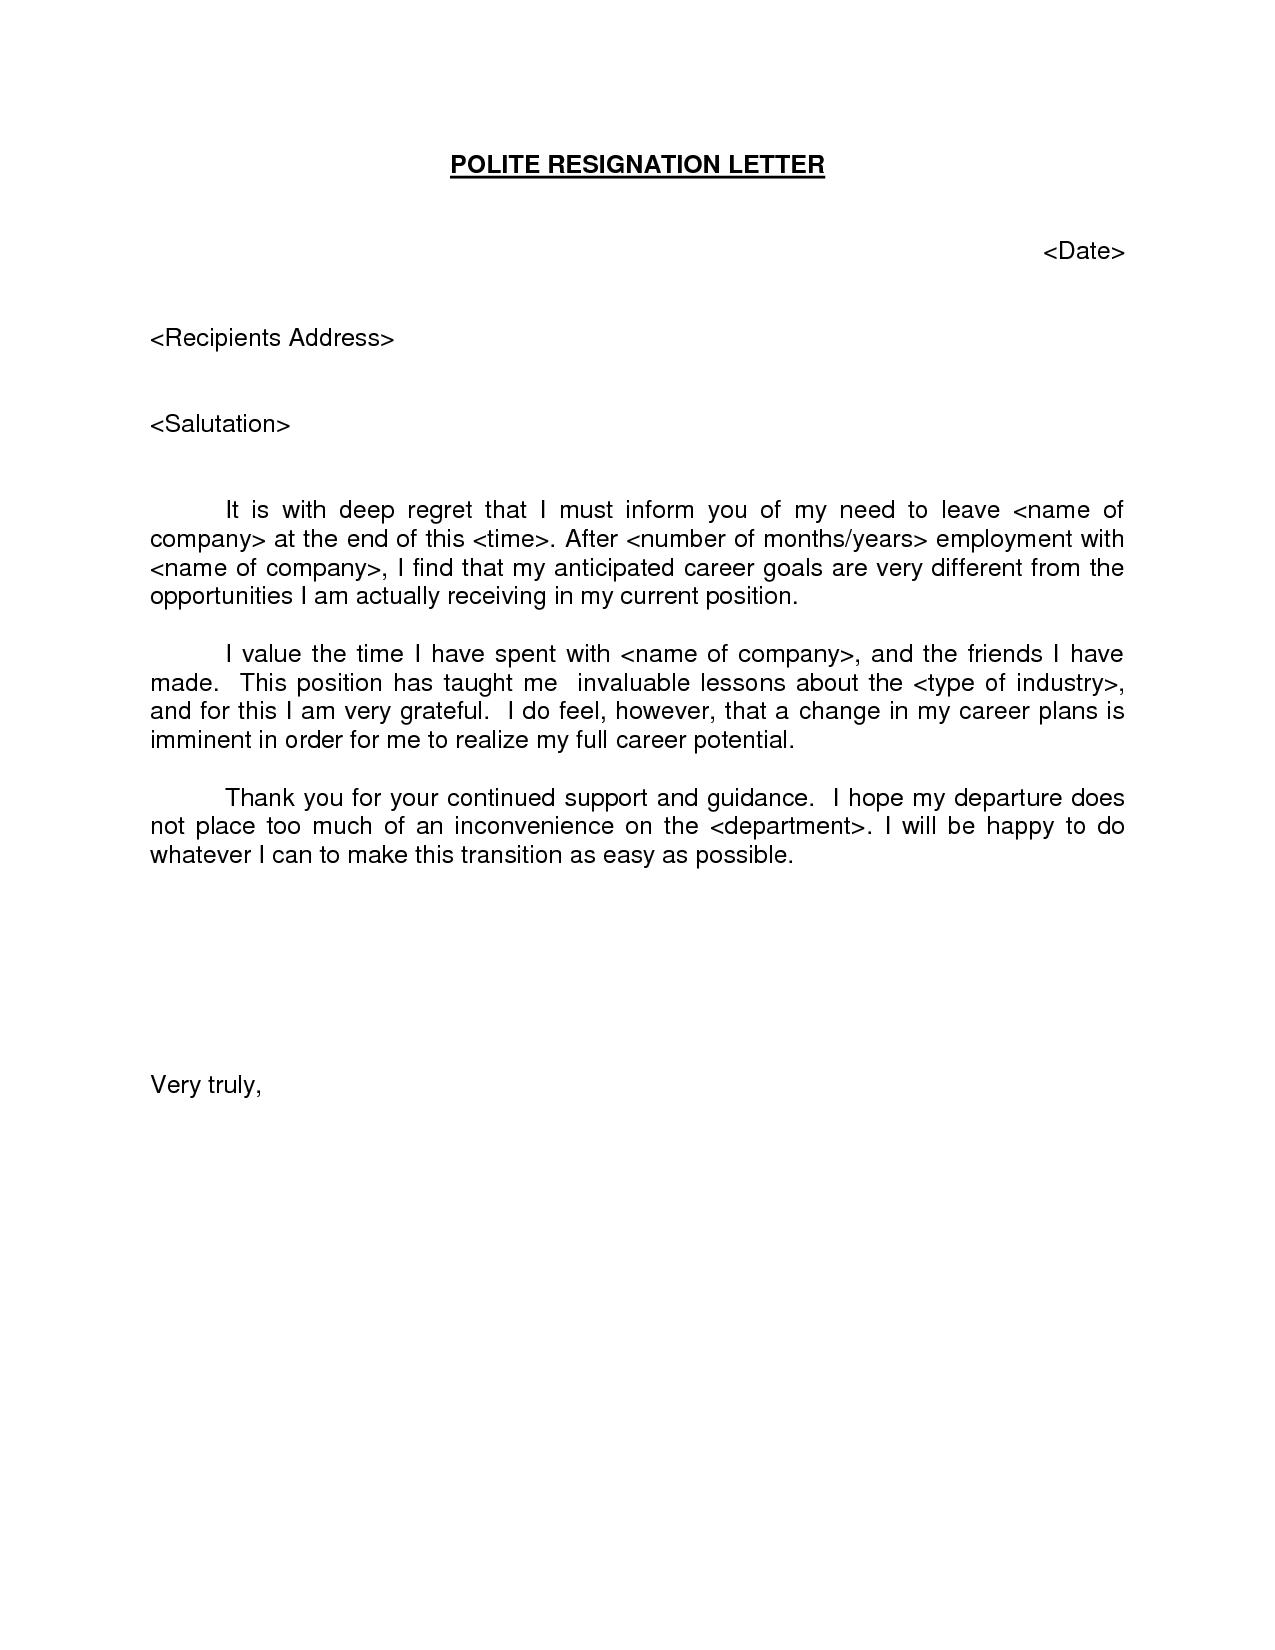 Donation Letter Template Word - Polite Resignation Letter Bestdealformoneywriting A Letter